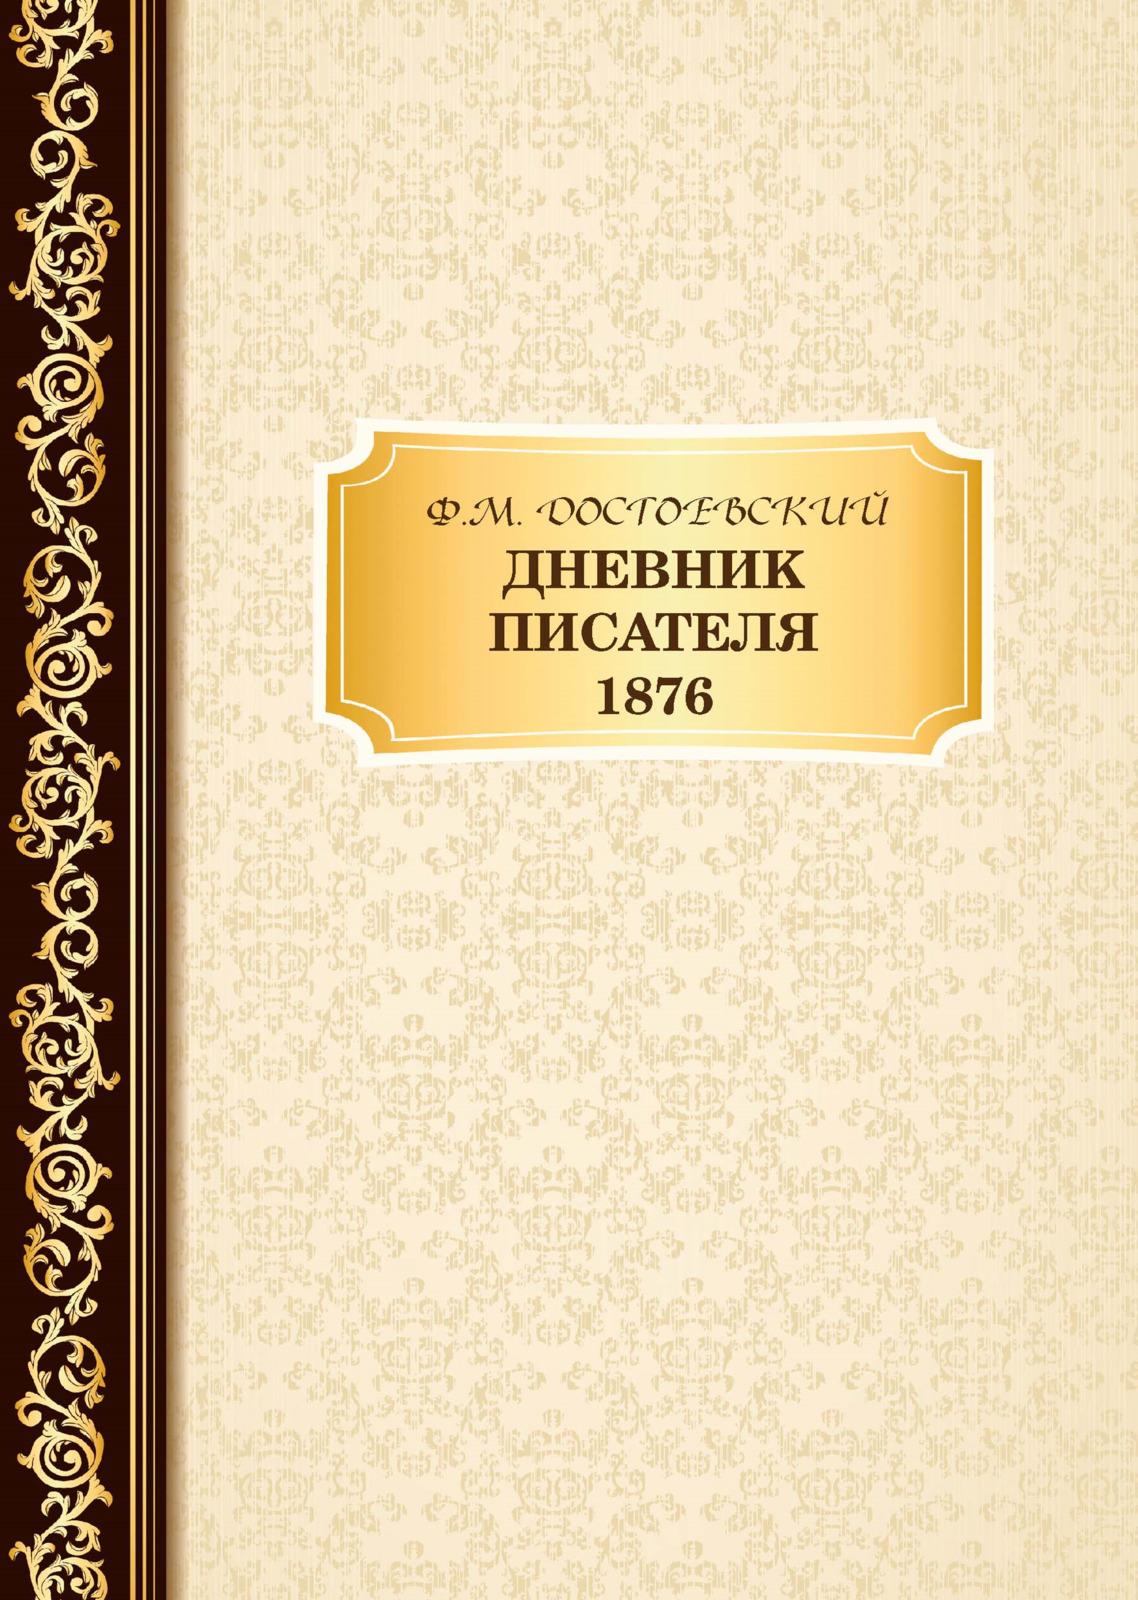 Ф. М. Достоевский Дневник Писателя 1876